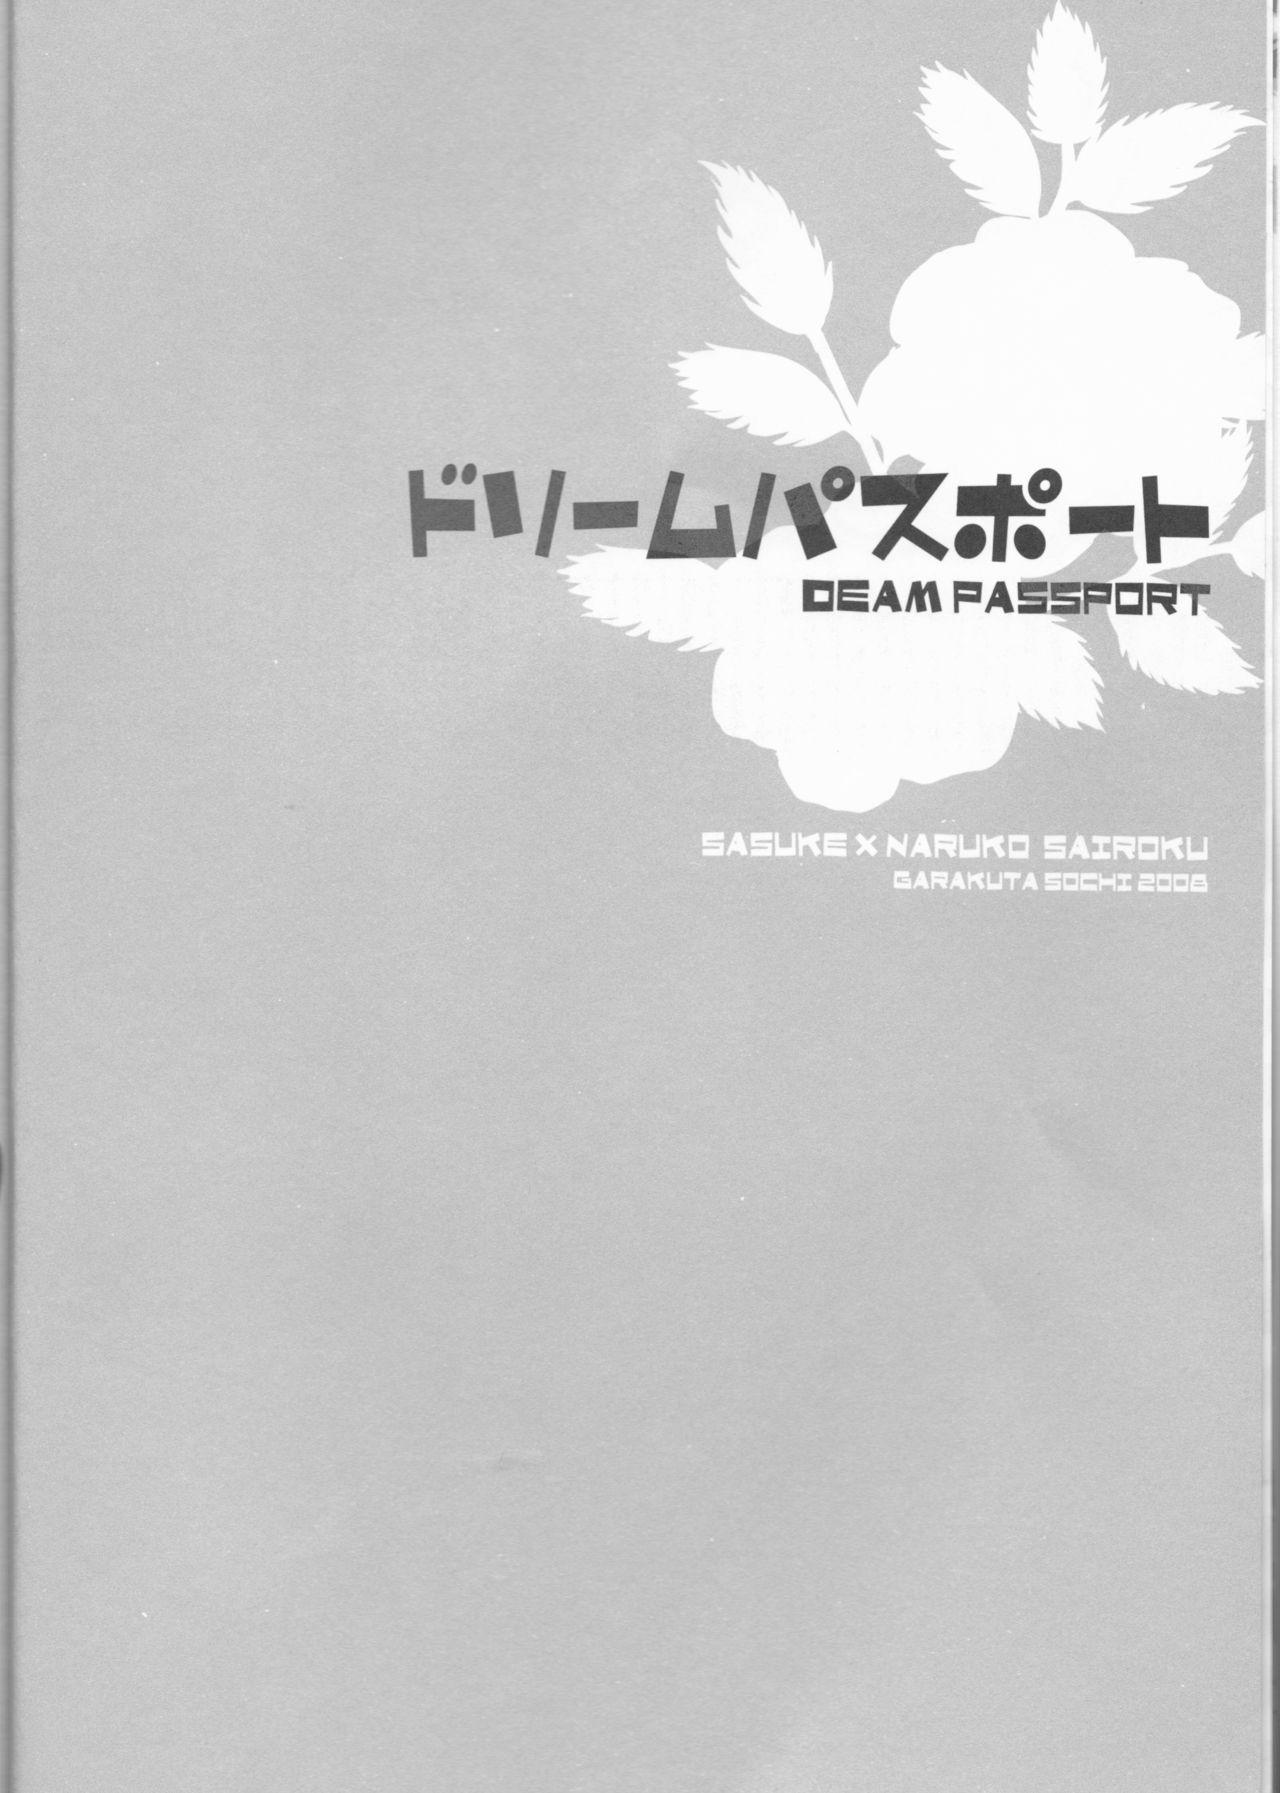 (C75) [Pierre (Garakuta Sochi)] Dream Passport (Naruto)[English] [Squigglesjp]ongoing 4